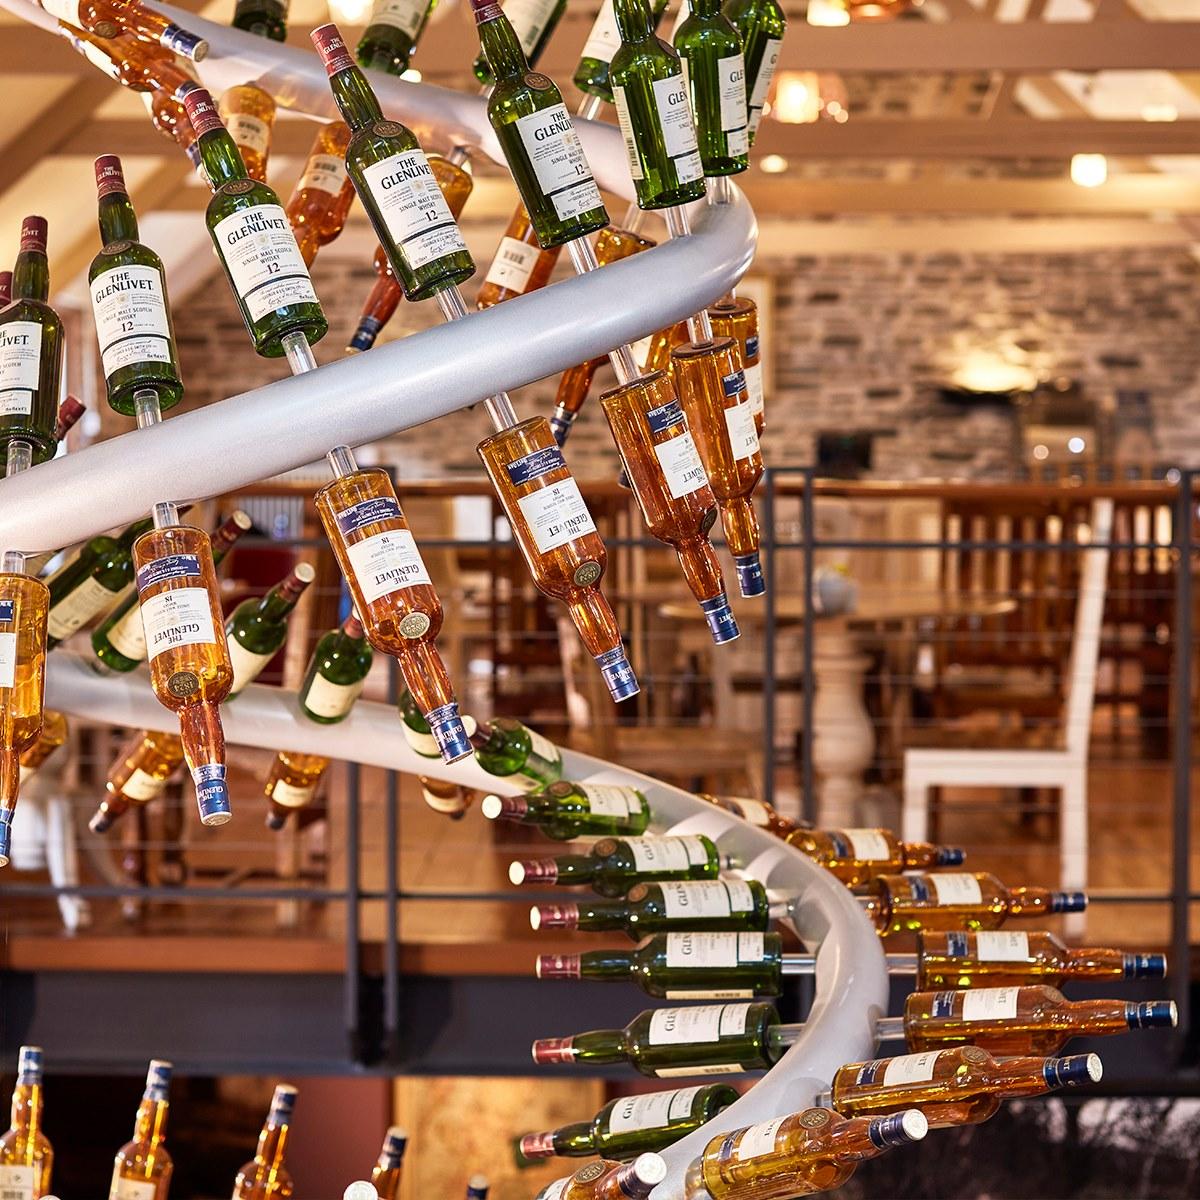 Glenlivet bottles in production